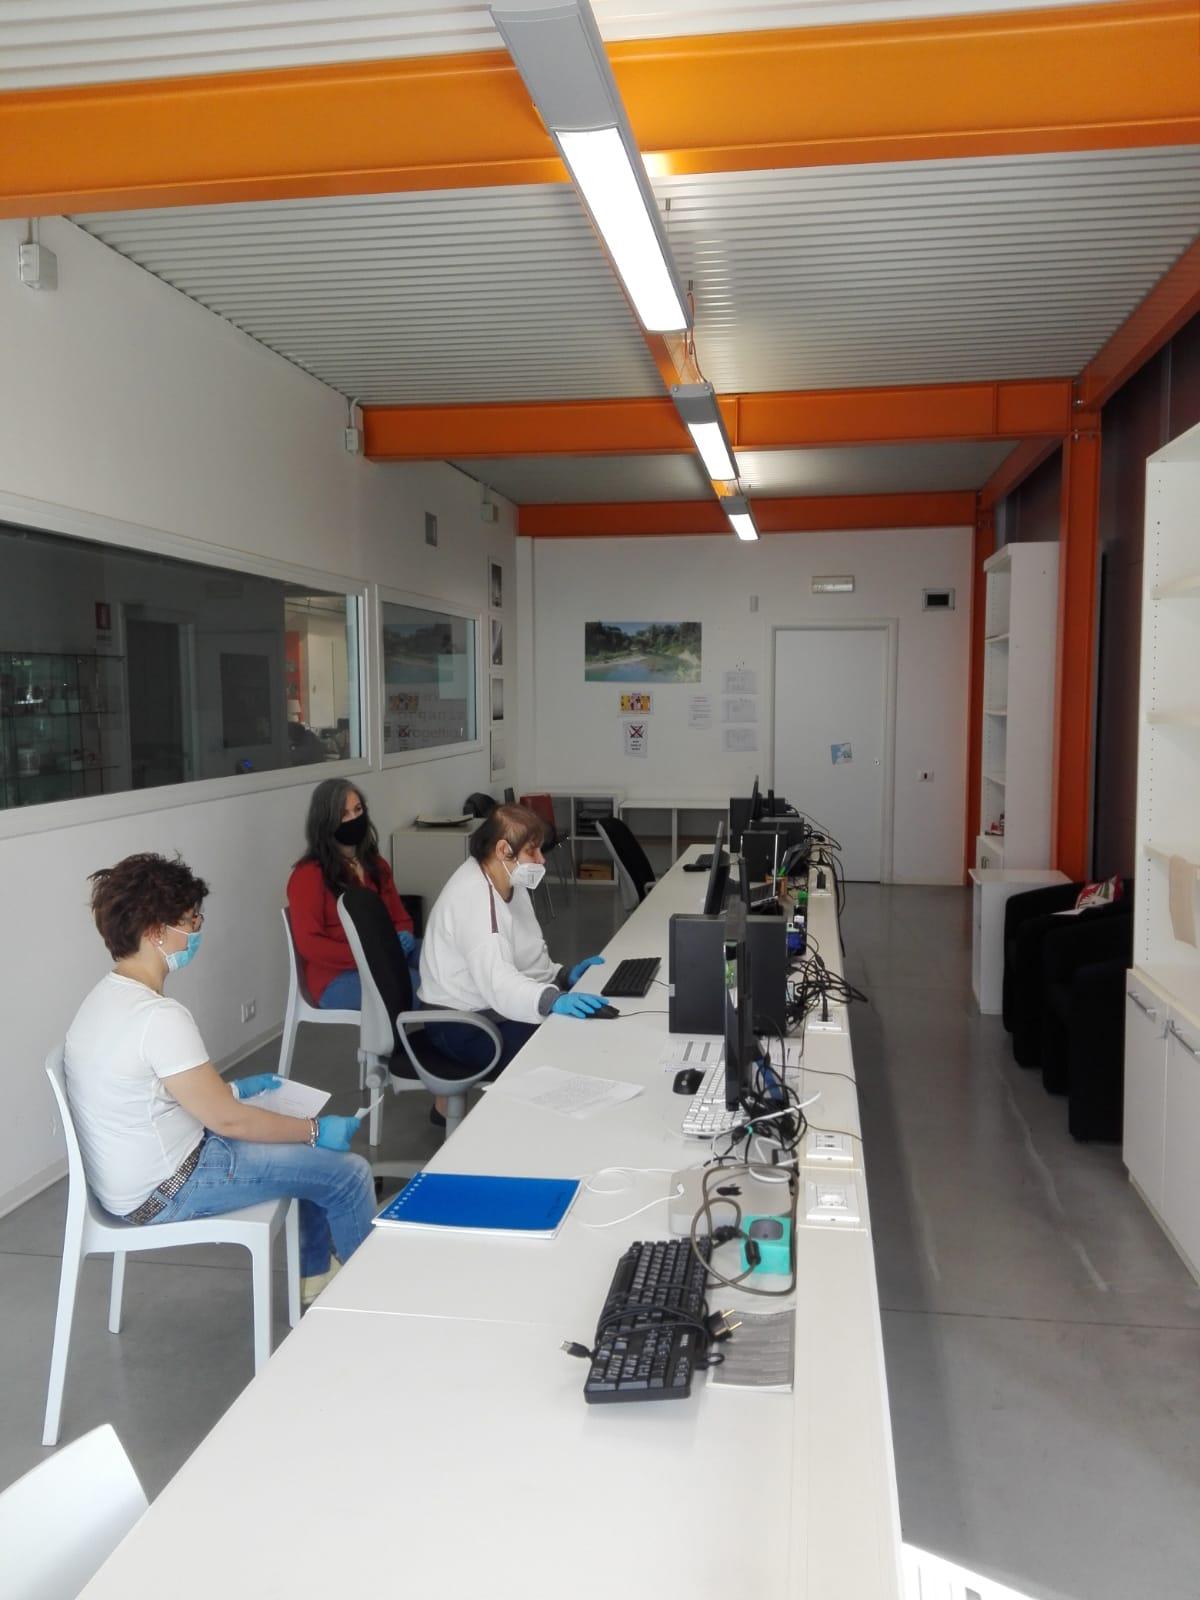 aula multimediale futura coop sociale